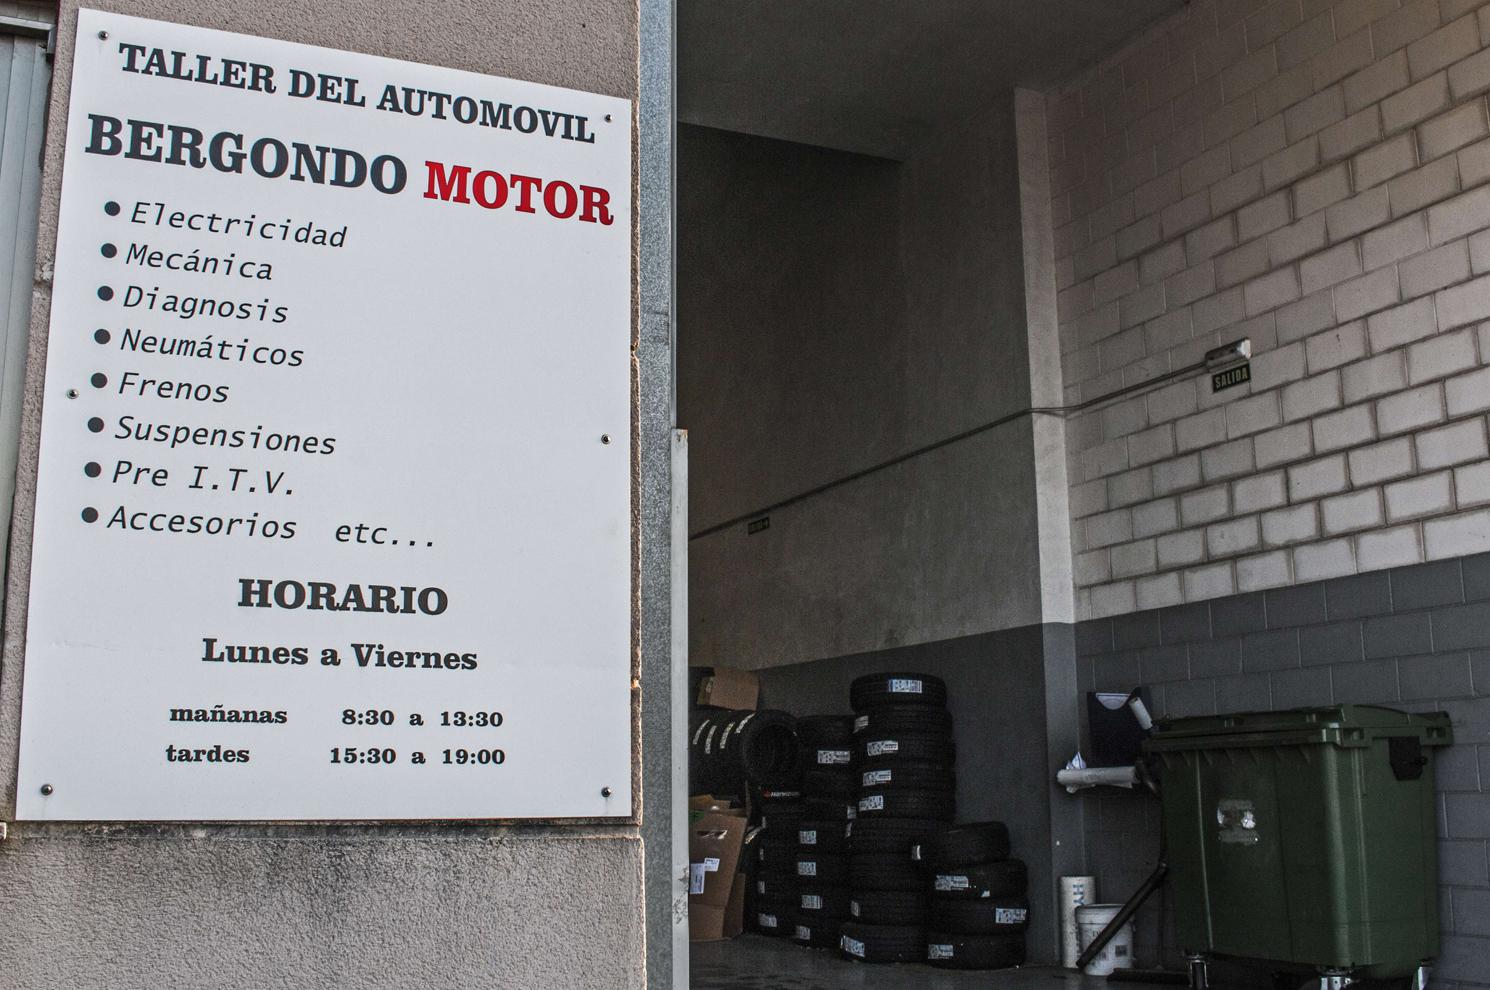 Taller de automóviles en Bergondo